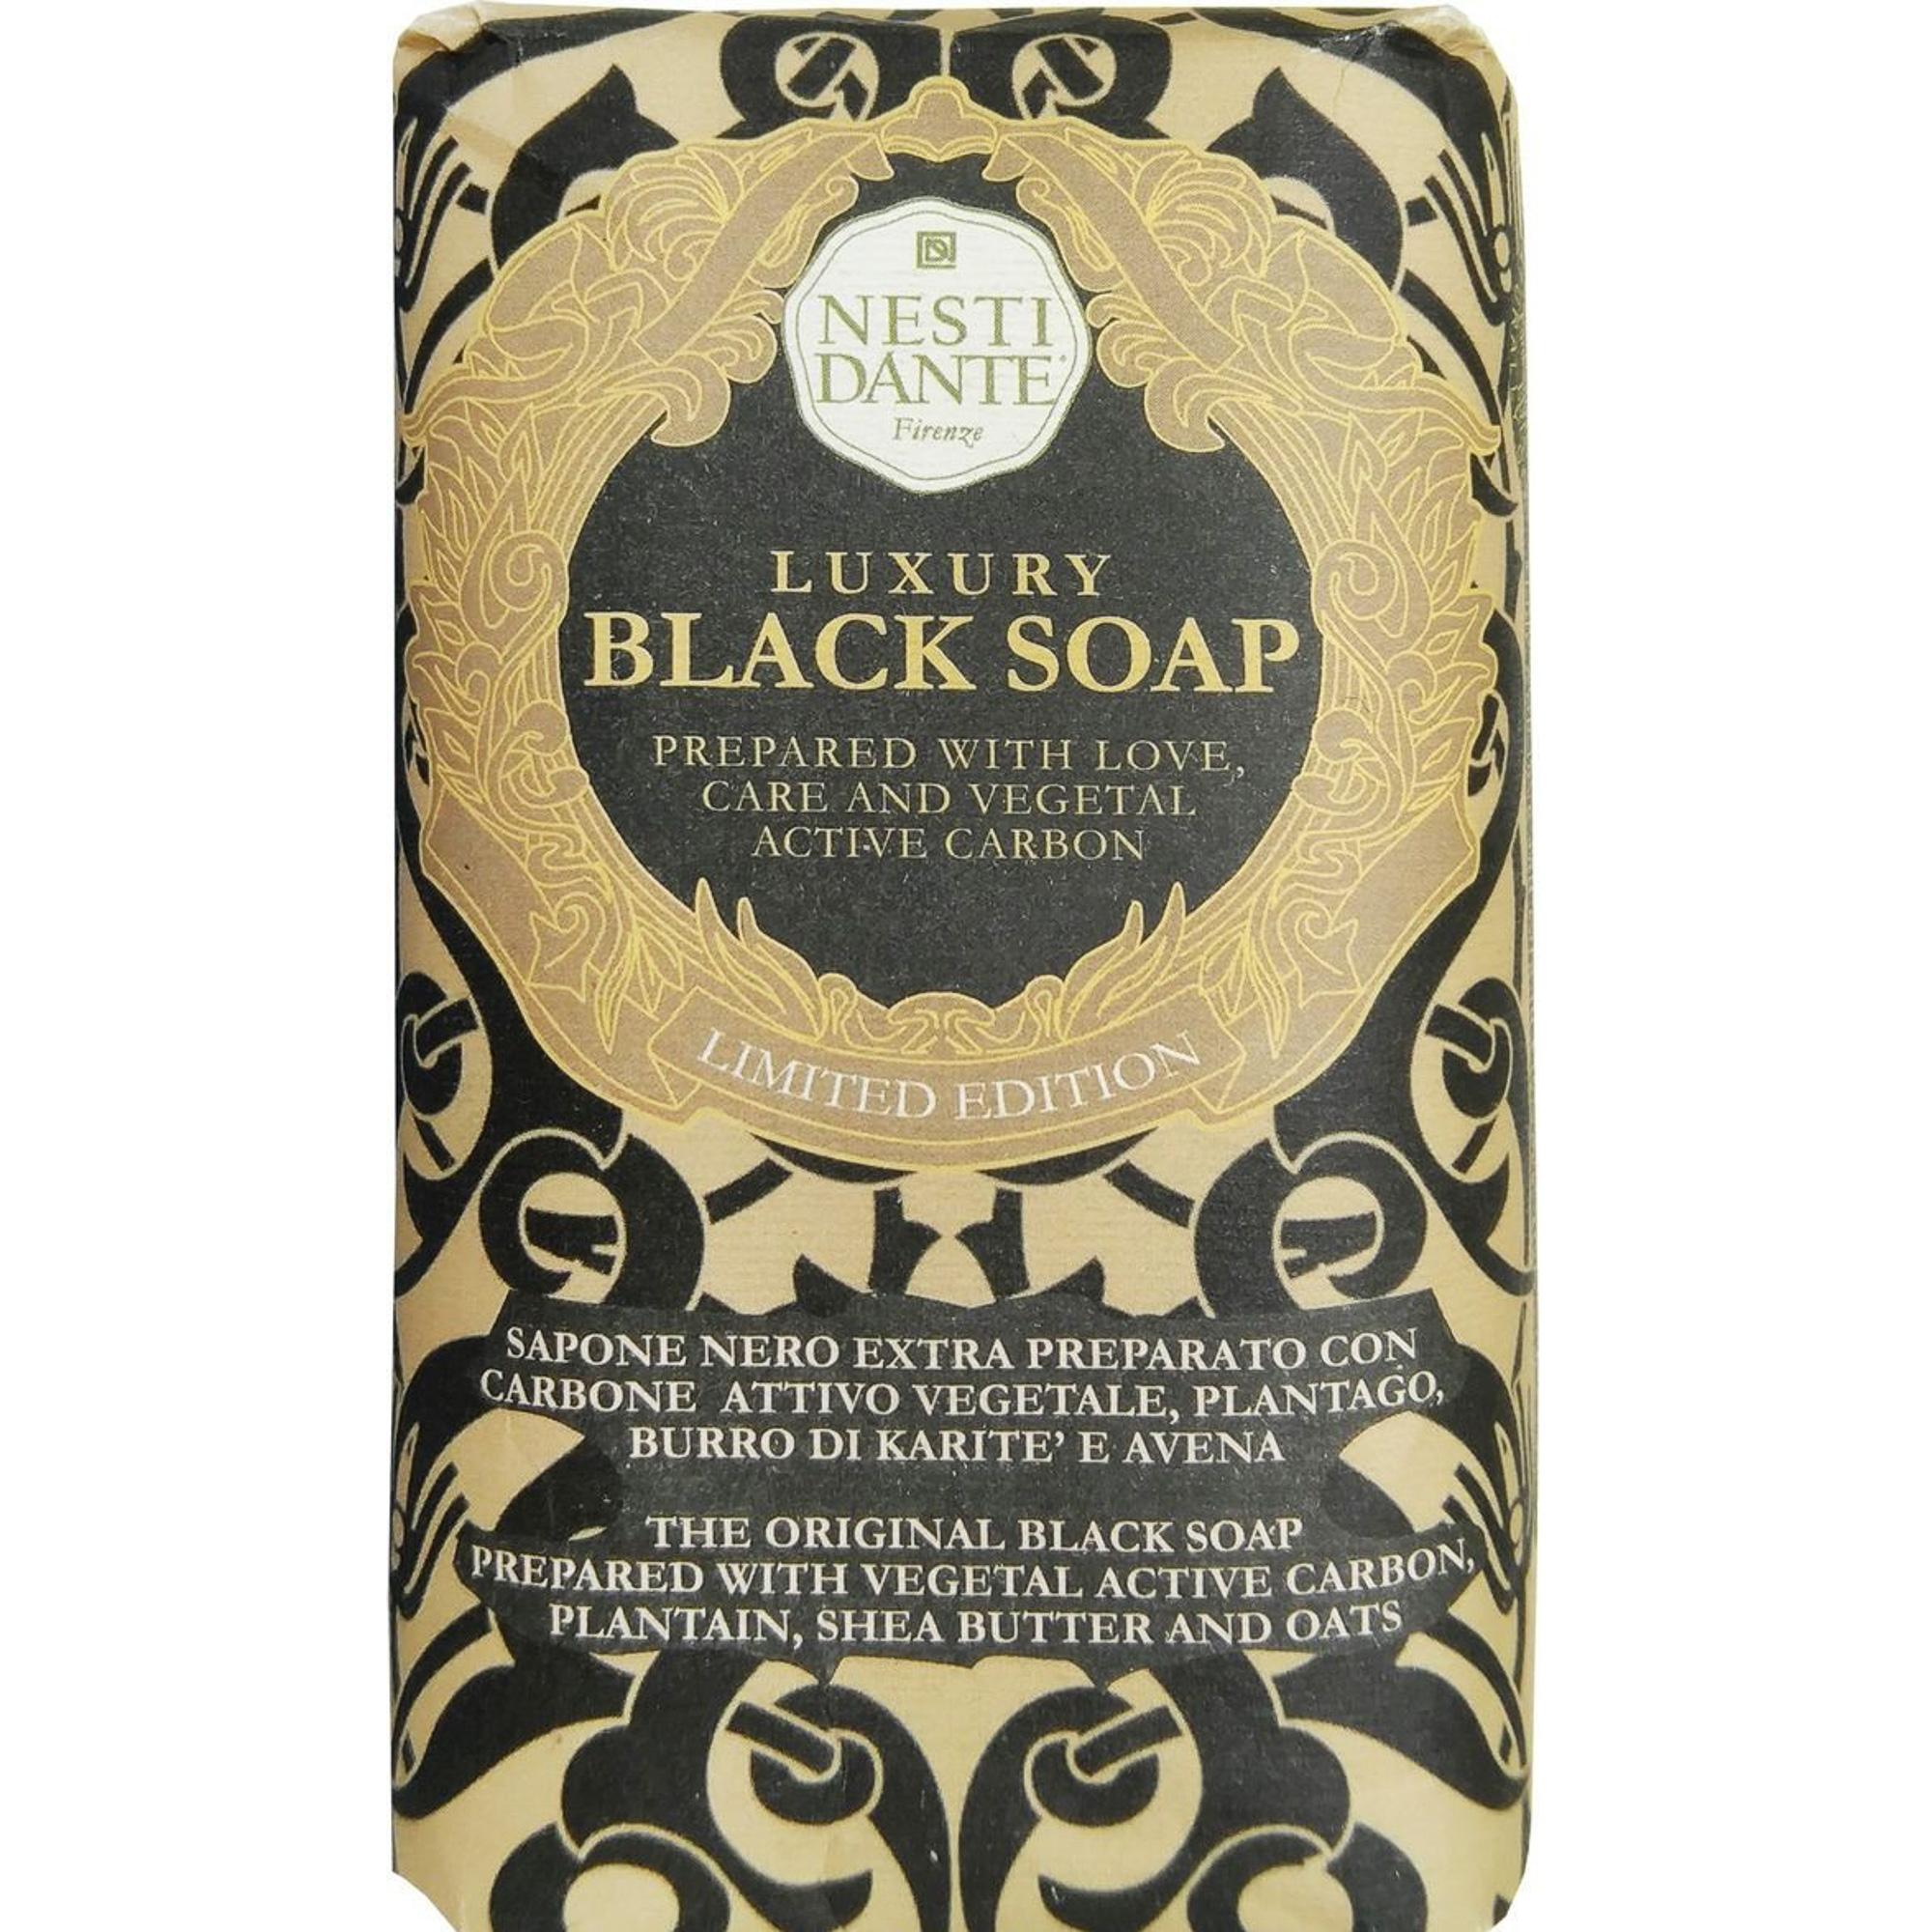 Мыло роскошное чёрное. 250г Nesti dante мыло юбилейное золотое 250г nesti dante